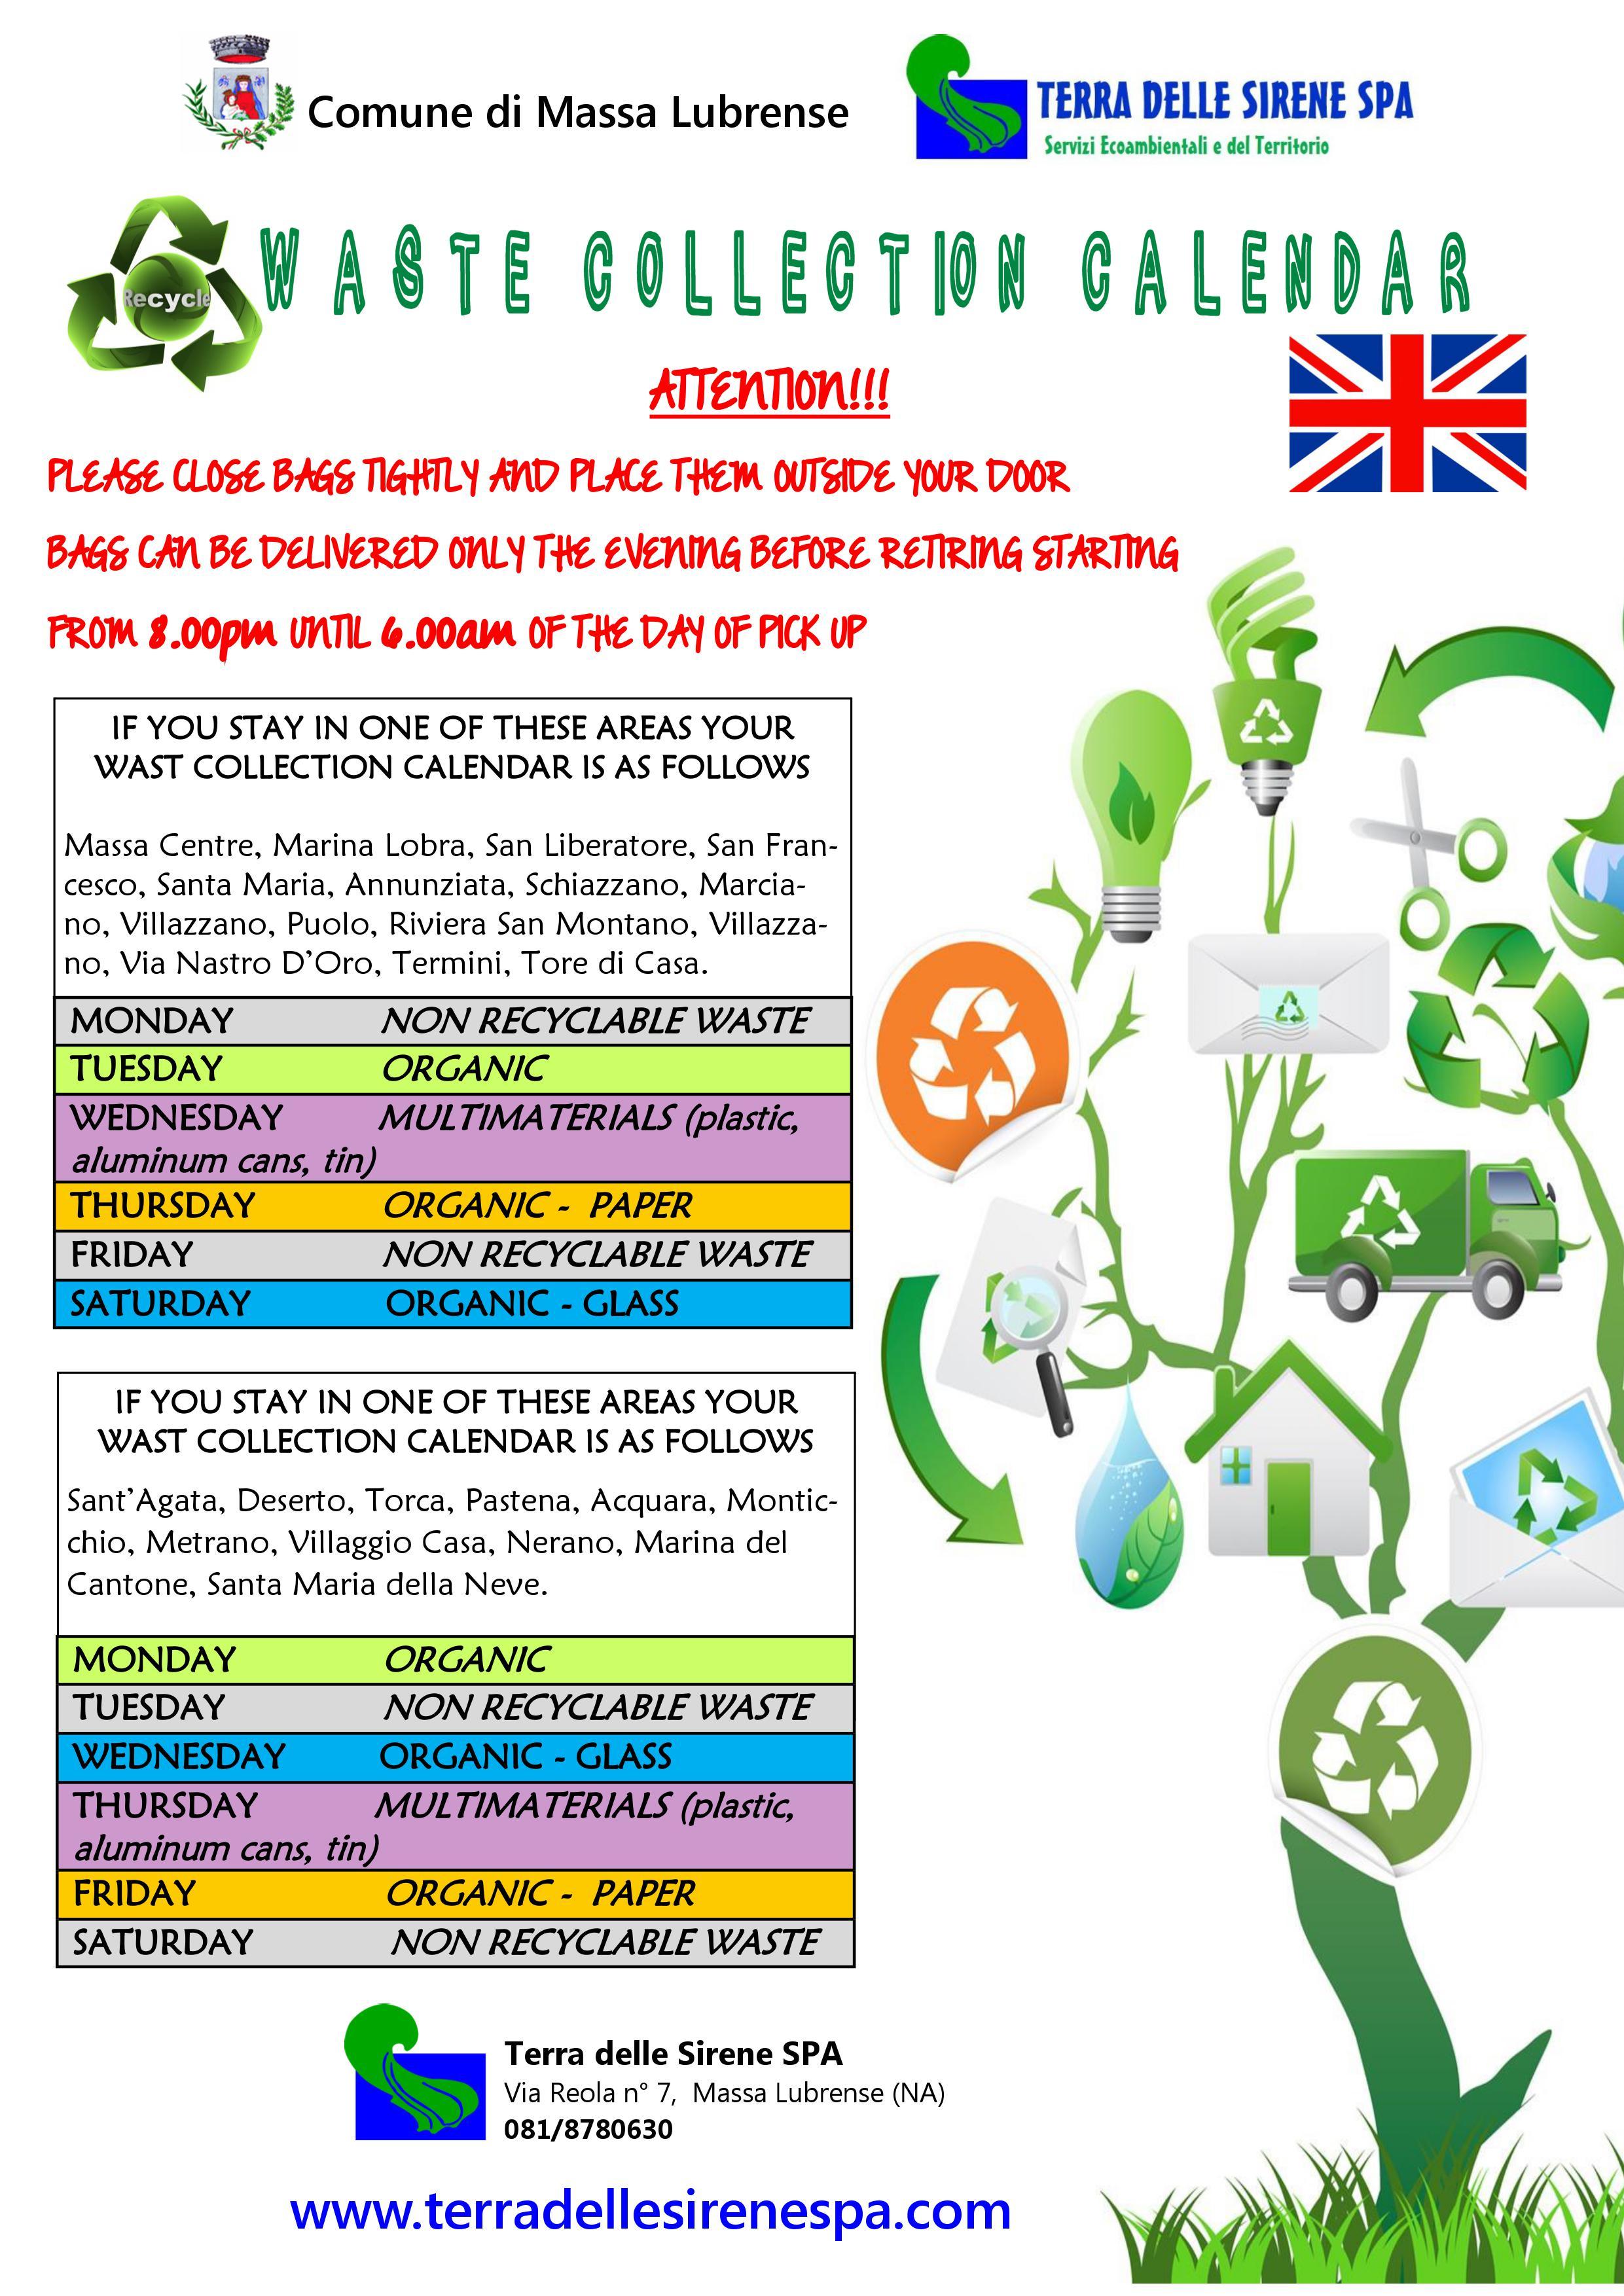 Calendario Traduzione Inglese.Software Di Raccolta Notizie In Inglese Extirano Ml